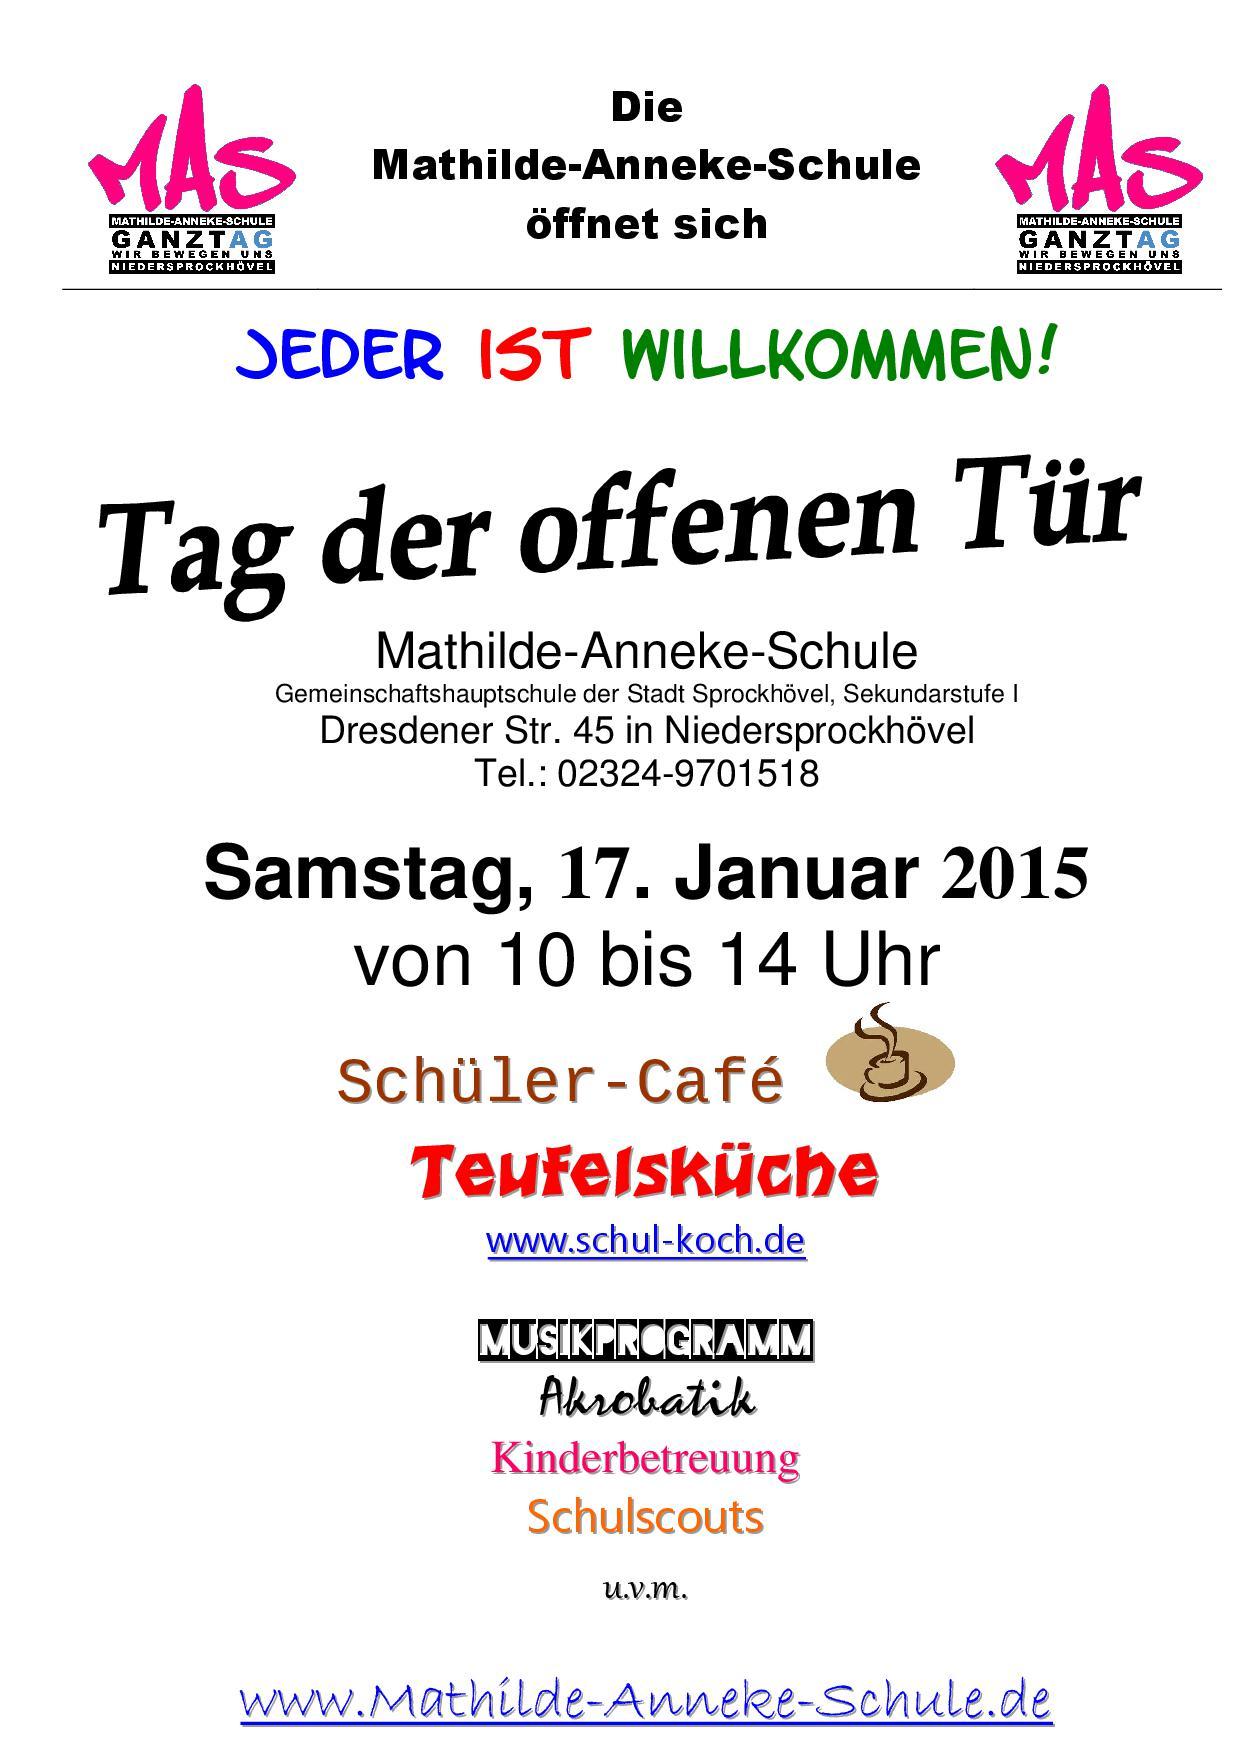 einladung zum tag der offenen tür 2015 | mathilde-anneke-schule, Einladung